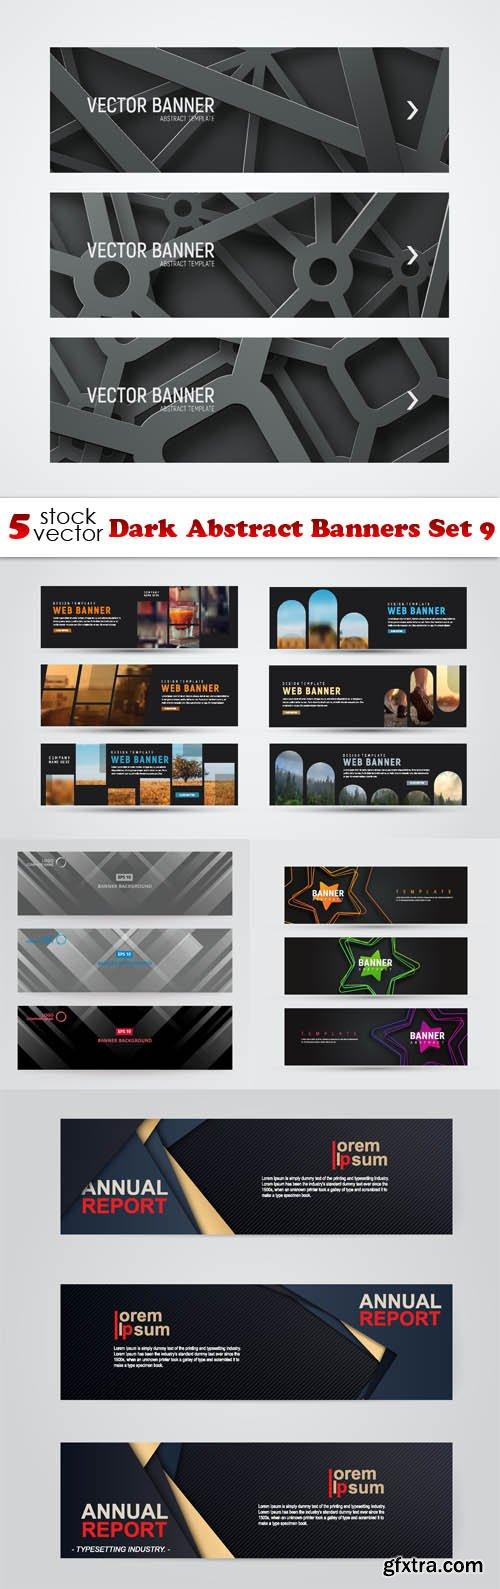 Vectors - Dark Abstract Banners Set 9